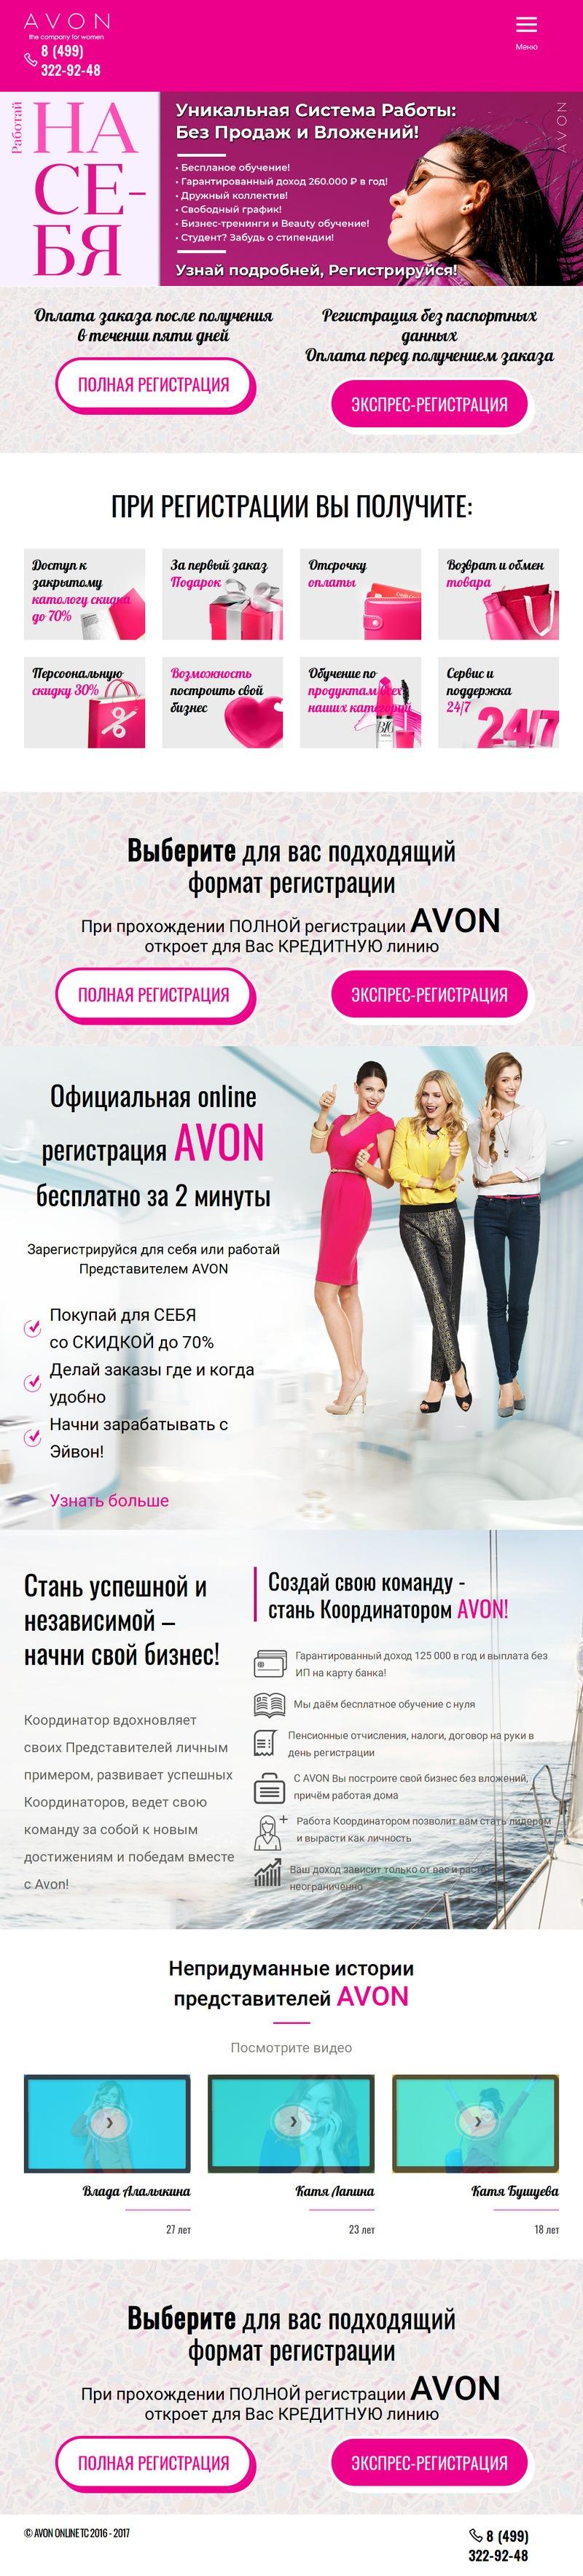 Официальная регистрация AVON